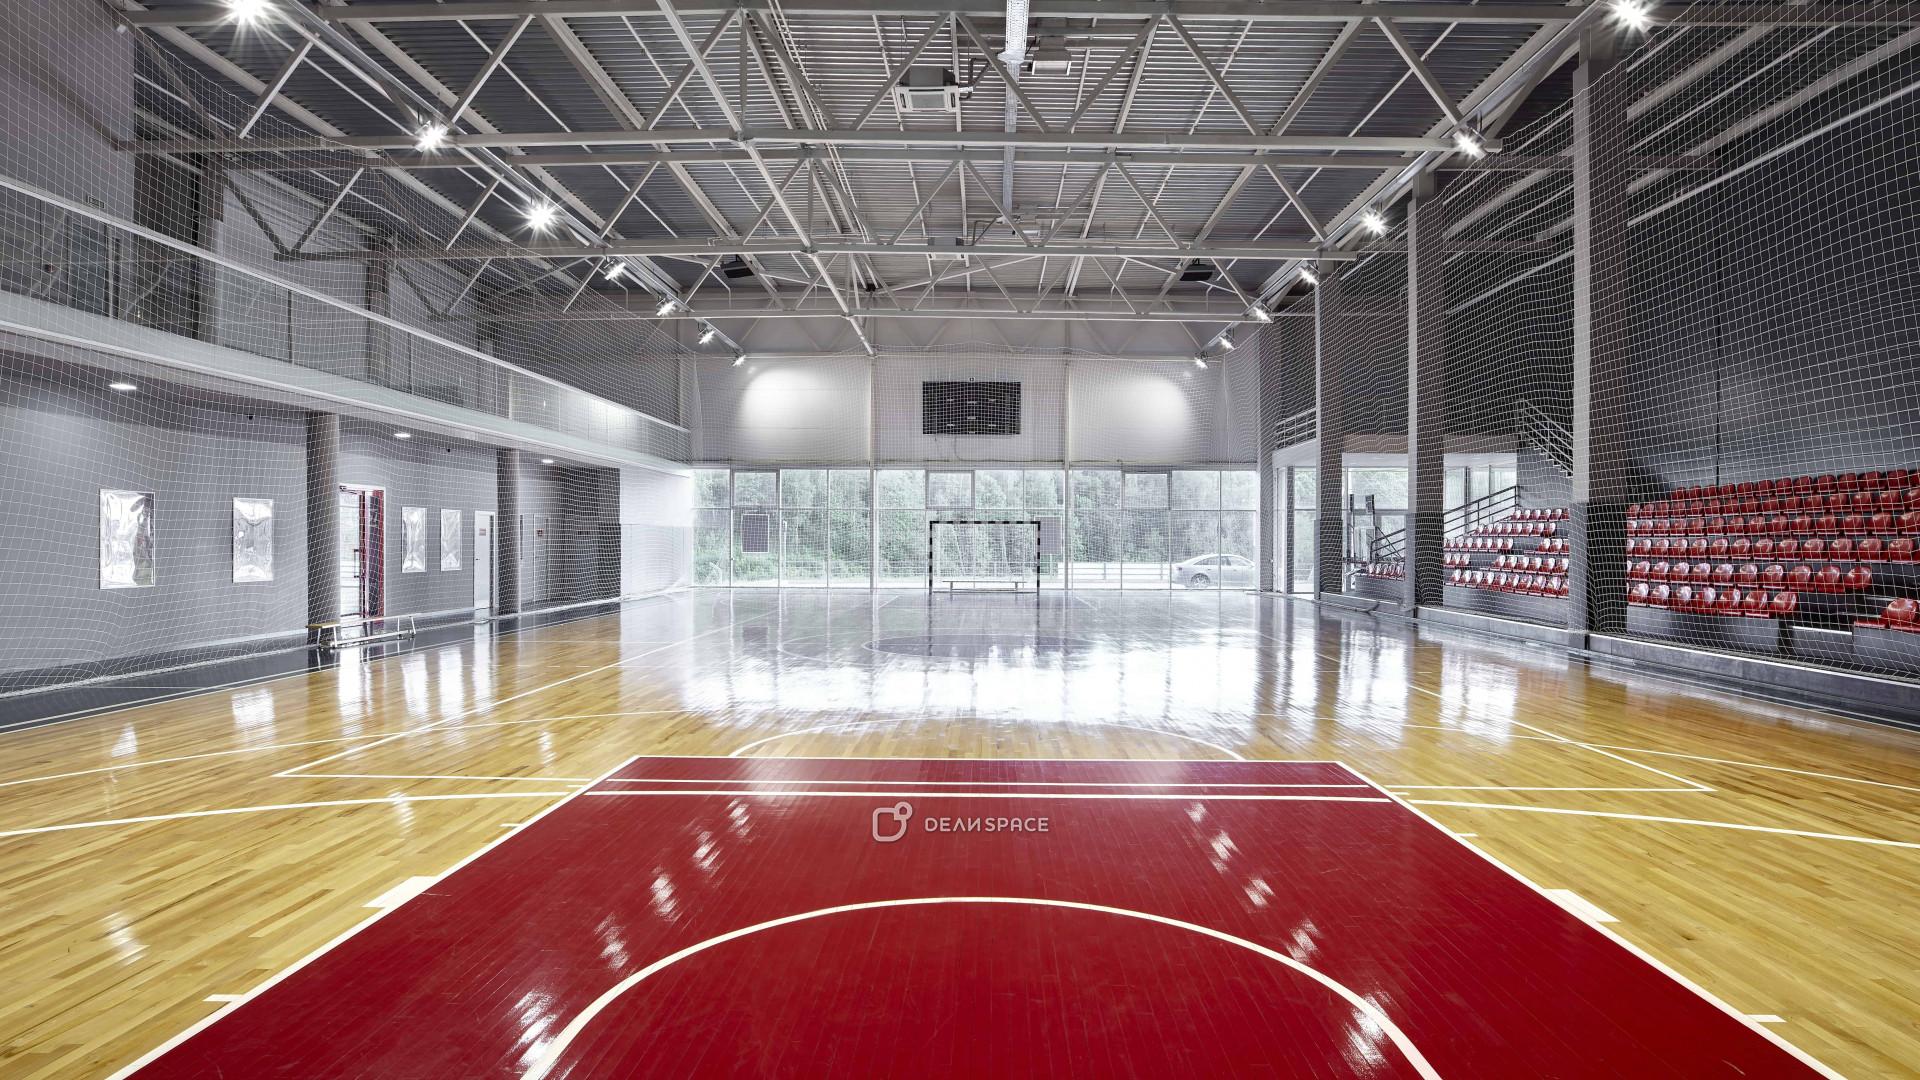 Профессиональная игровая арена с трибунами - фото №3